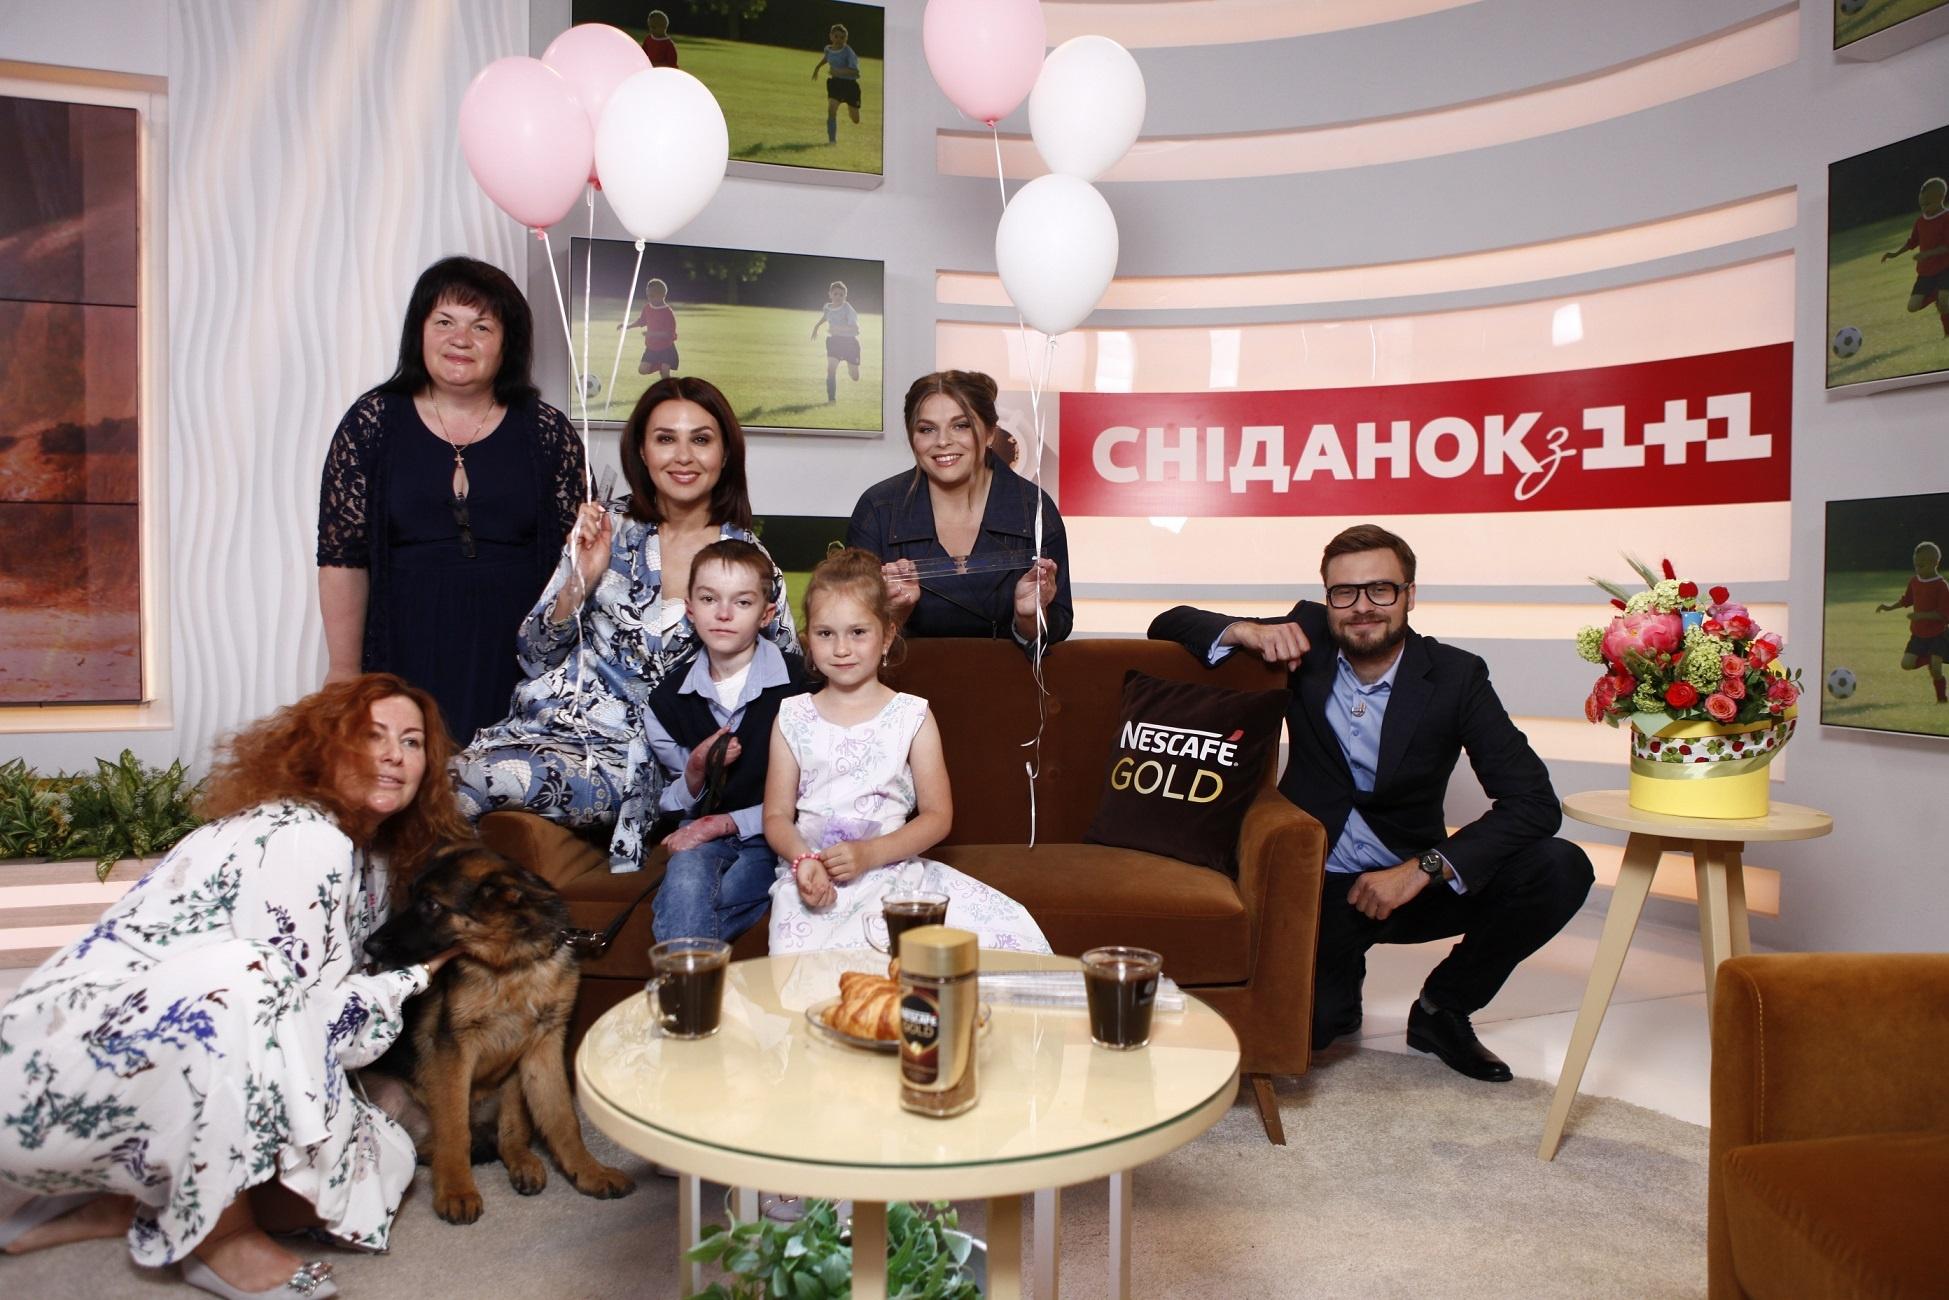 sndanok-z-11-i-natalya-moseychuk-sobirayut-sredstva-na-shkolu-supergeroev-3_01